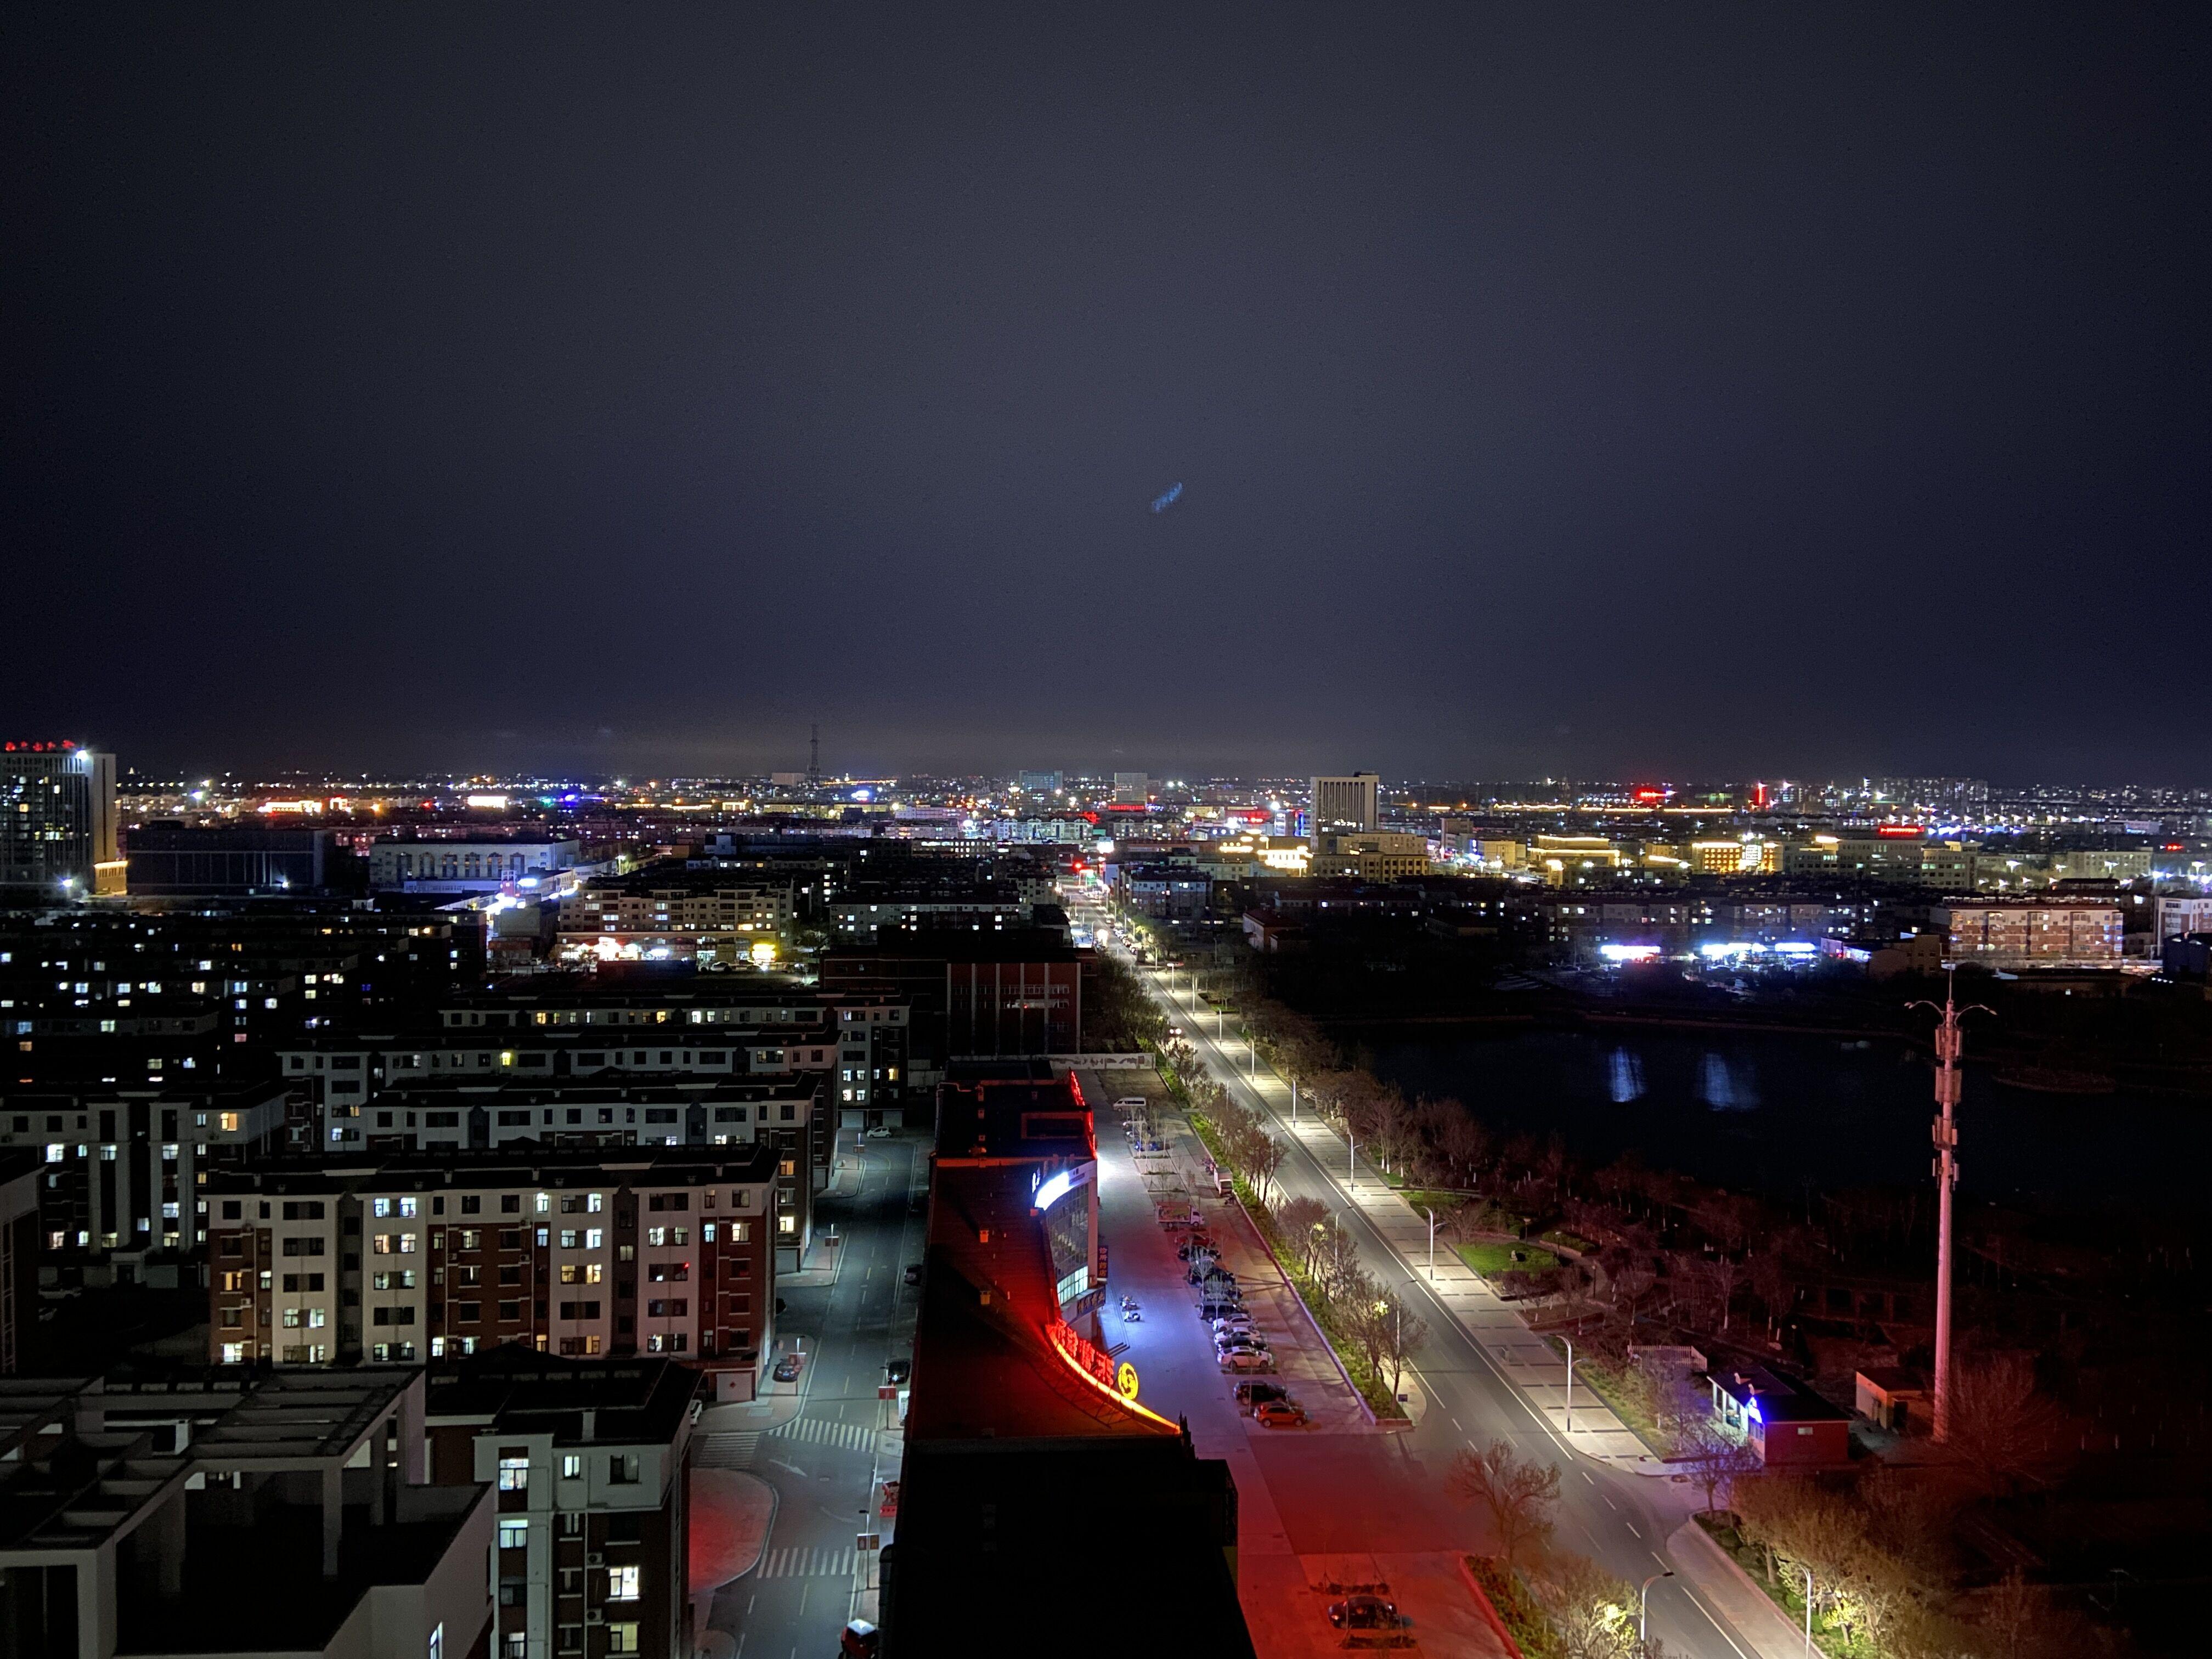 iPhone11夜景广角26mm拍摄